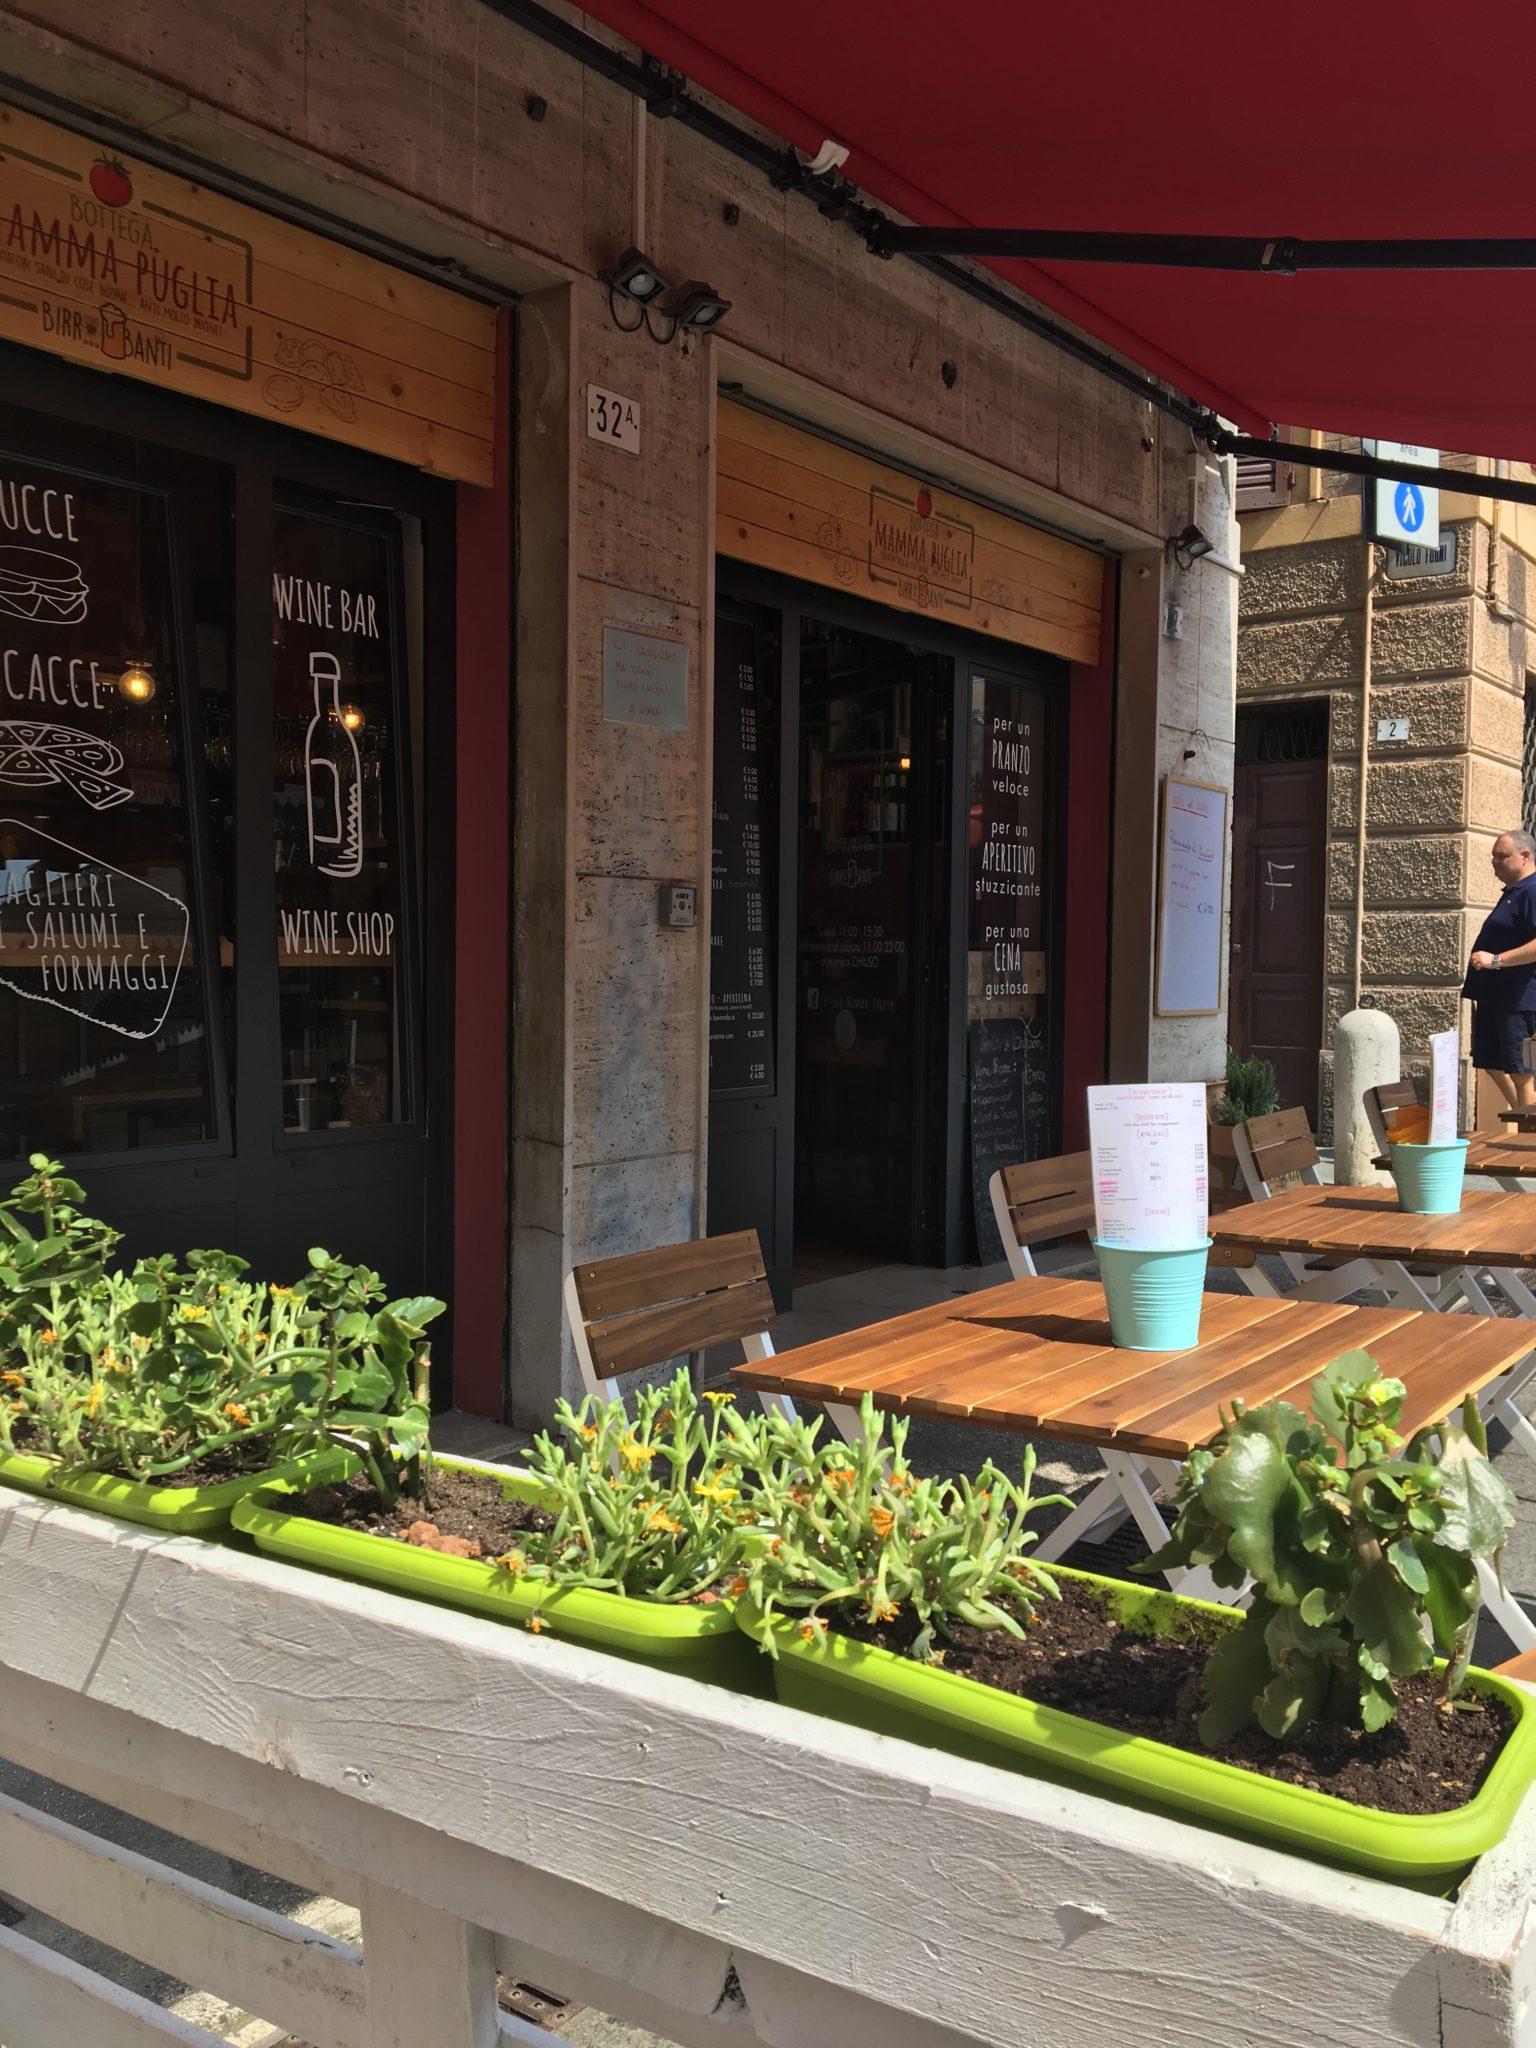 Un chiosco ai Caraibi, tavolini vista Capri, palazzi del Novecento e sapori di Puglia. Giro nei dehors di Modena, che ti fan sentire altrove